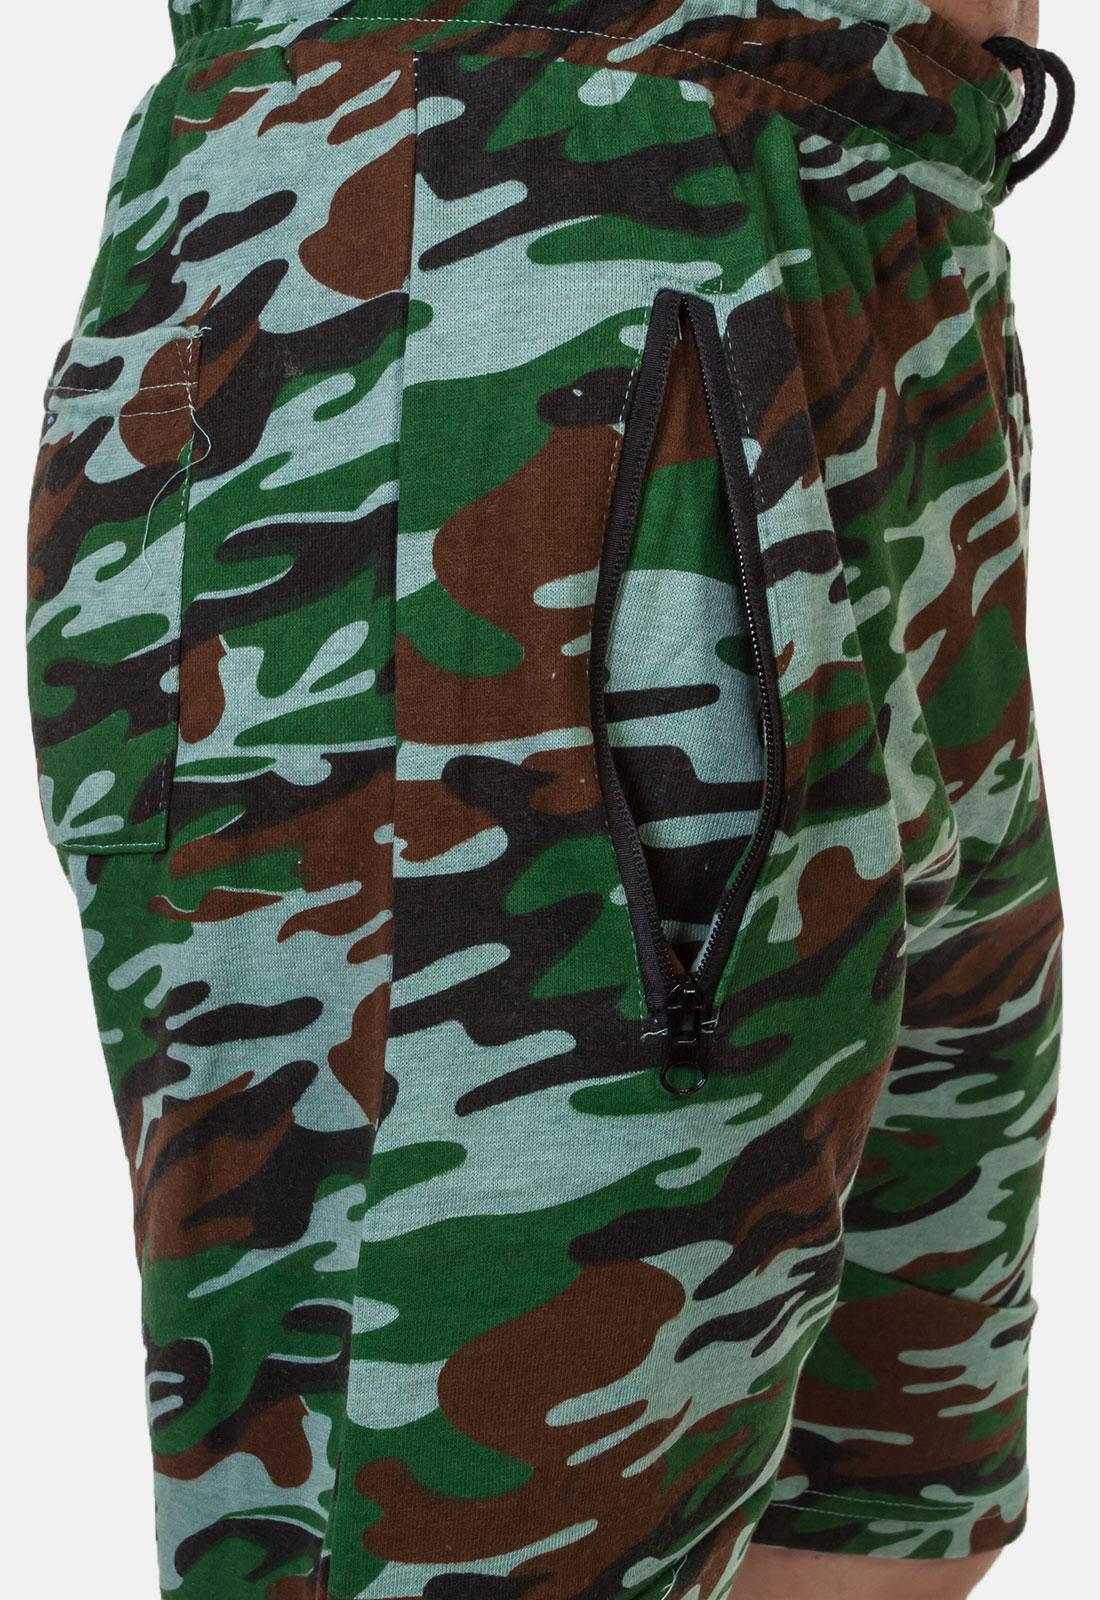 Надежные трикотажные шорты с нашивкой Росгвардия - купить с доставкой